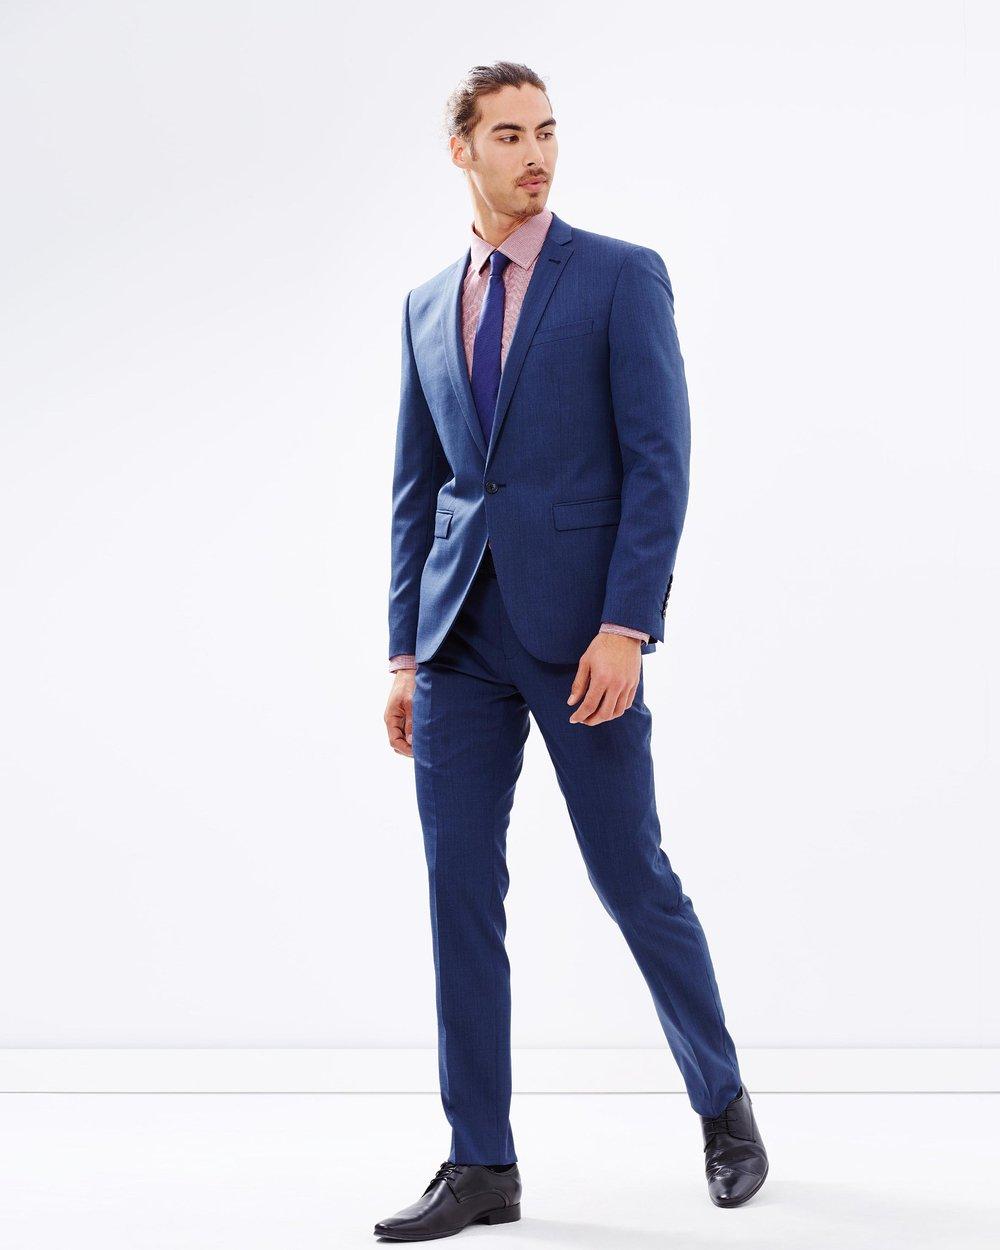 Do Clothes Maketh the Man?